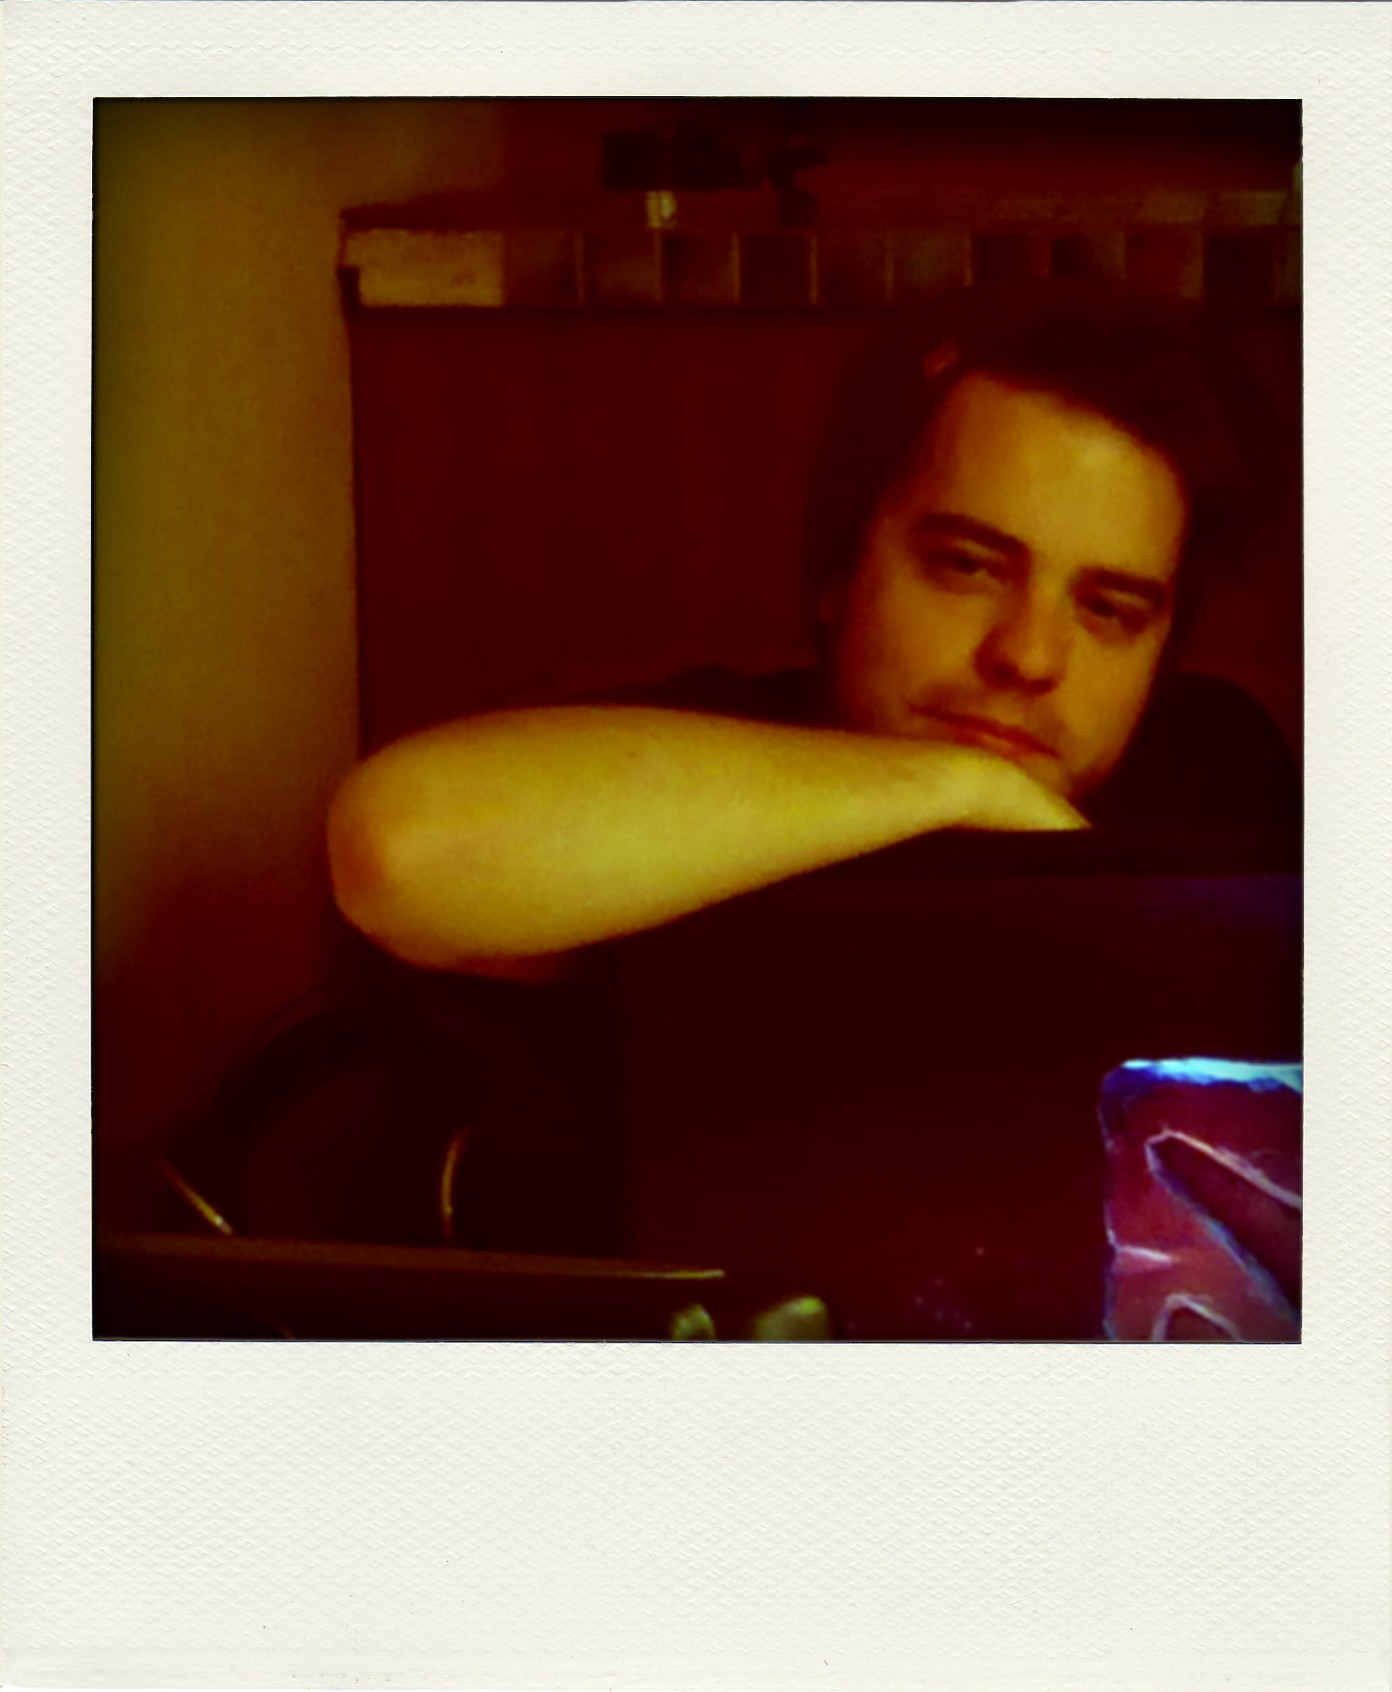 LAG_kali_Polaroid